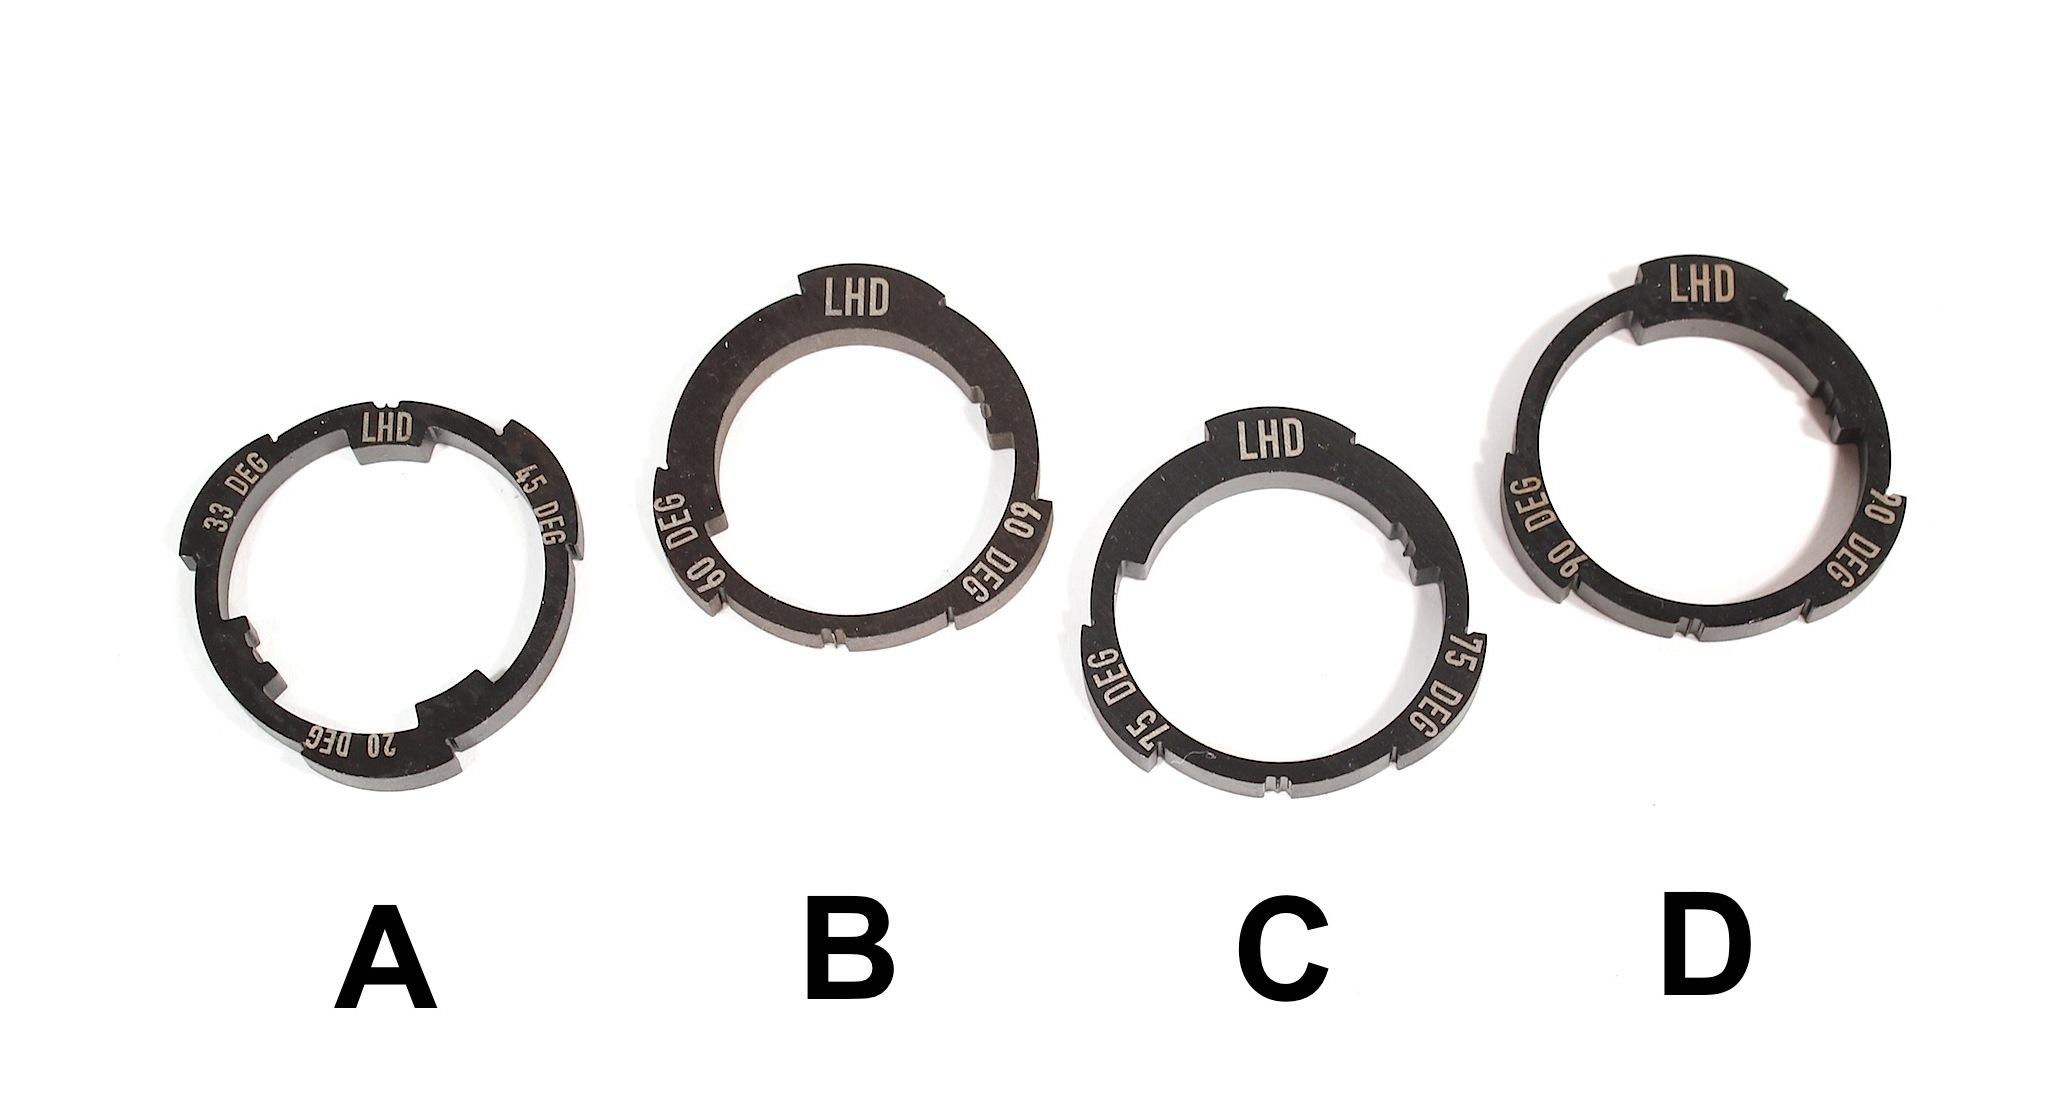 Z Coaster Slack Cam Rings Profile Racing